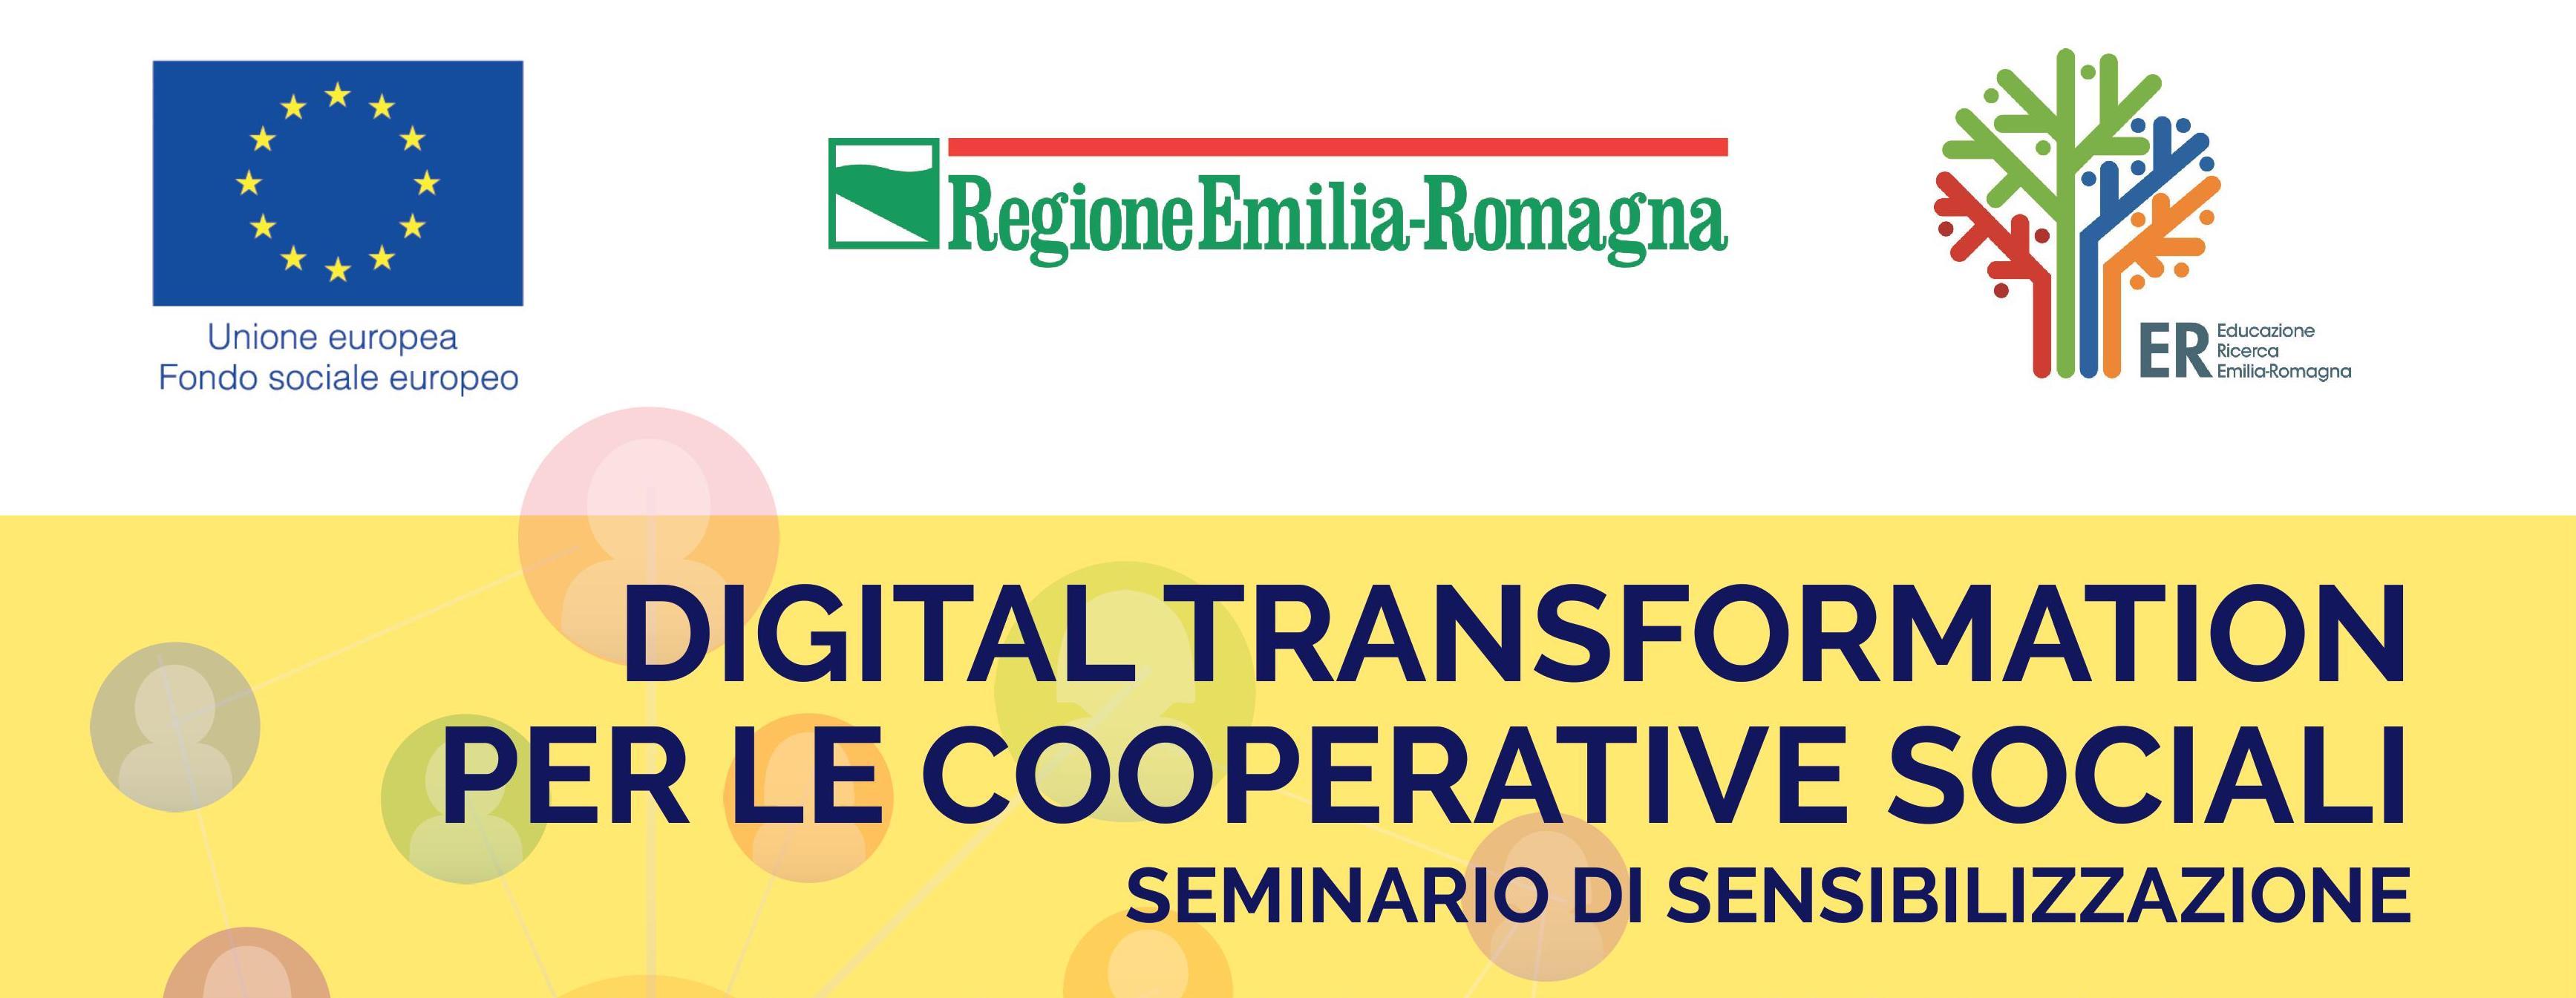 Digital transformation per le cooperative sociali: il 7 marzo un seminario con Demetra Formazione e Legacoop Emilia-Romagna